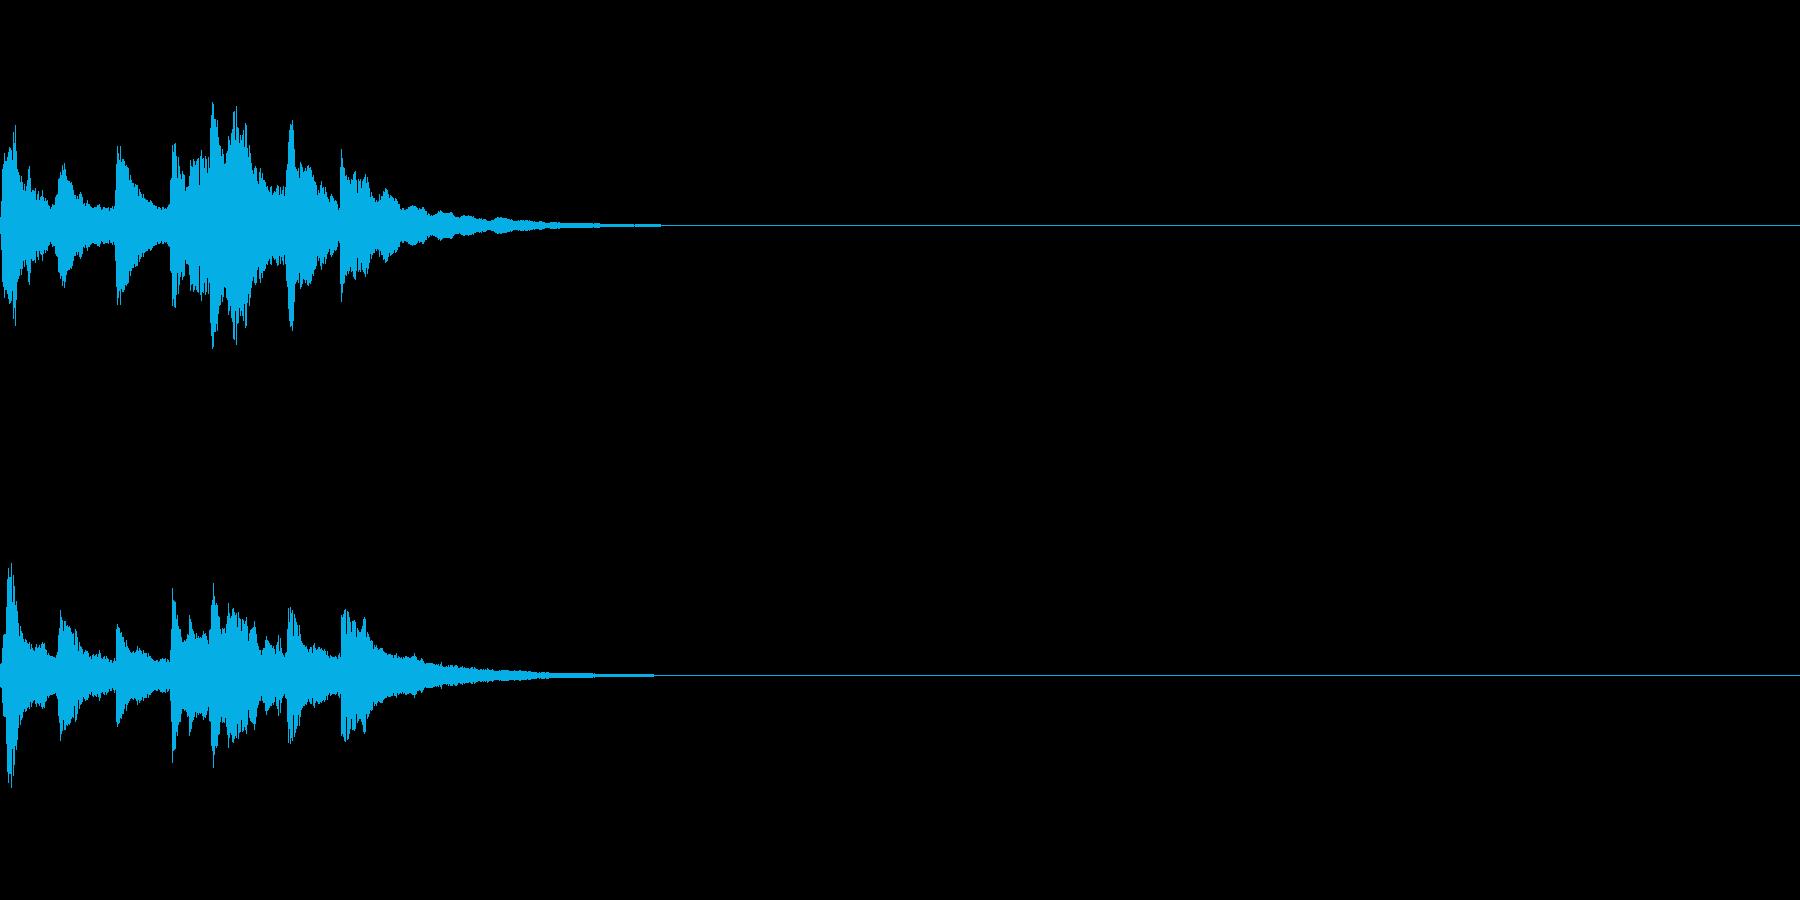 アイキャッチ用の音の再生済みの波形